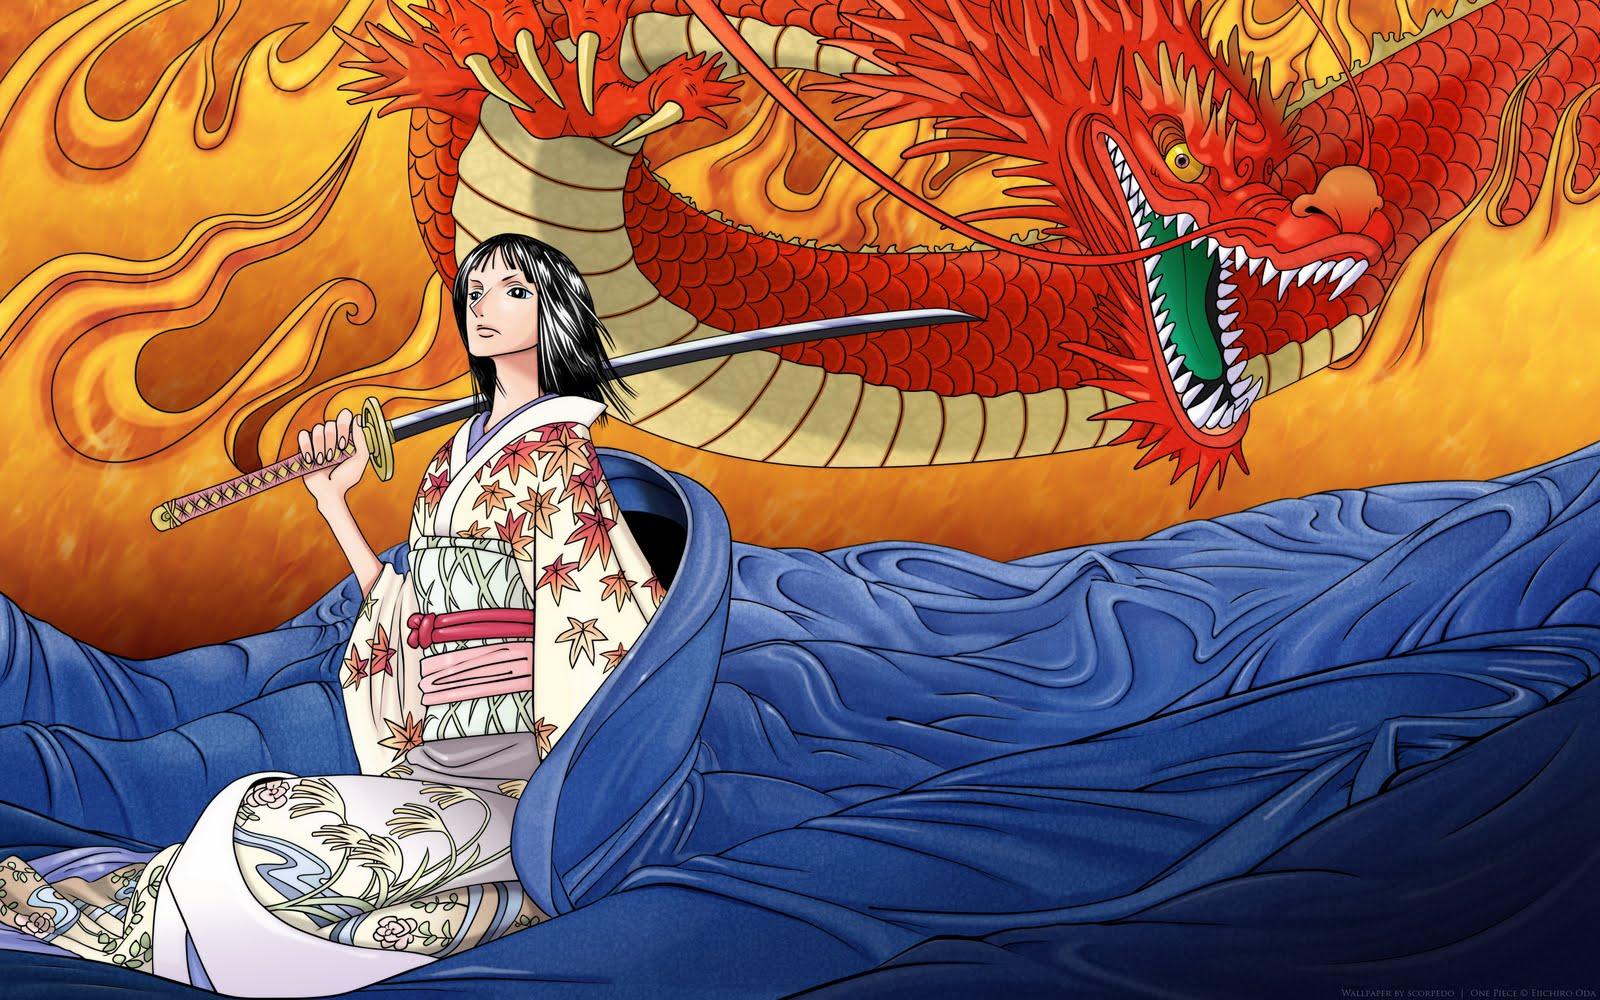 http://3.bp.blogspot.com/-GdsrHHAIbHs/TraExeLlEFI/AAAAAAAAASM/AmyFpi3SnNs/s1600/one-piece-wallpaper-hd-10-788719.jpg